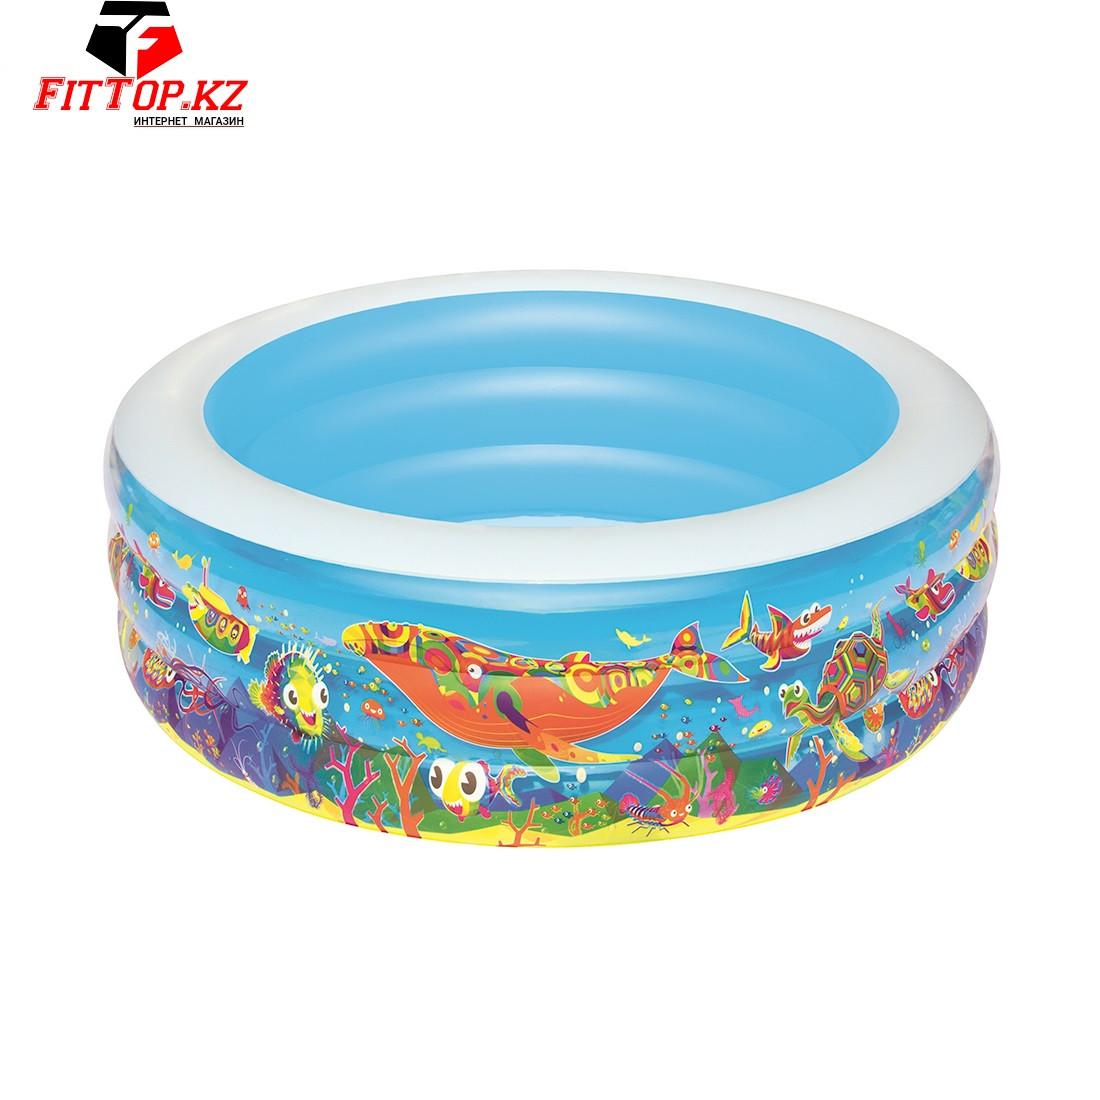 Детский надувной бассейн Play Pool 152 х 51 см, BESTWAY, 51121, Винил, 400 л., 6+